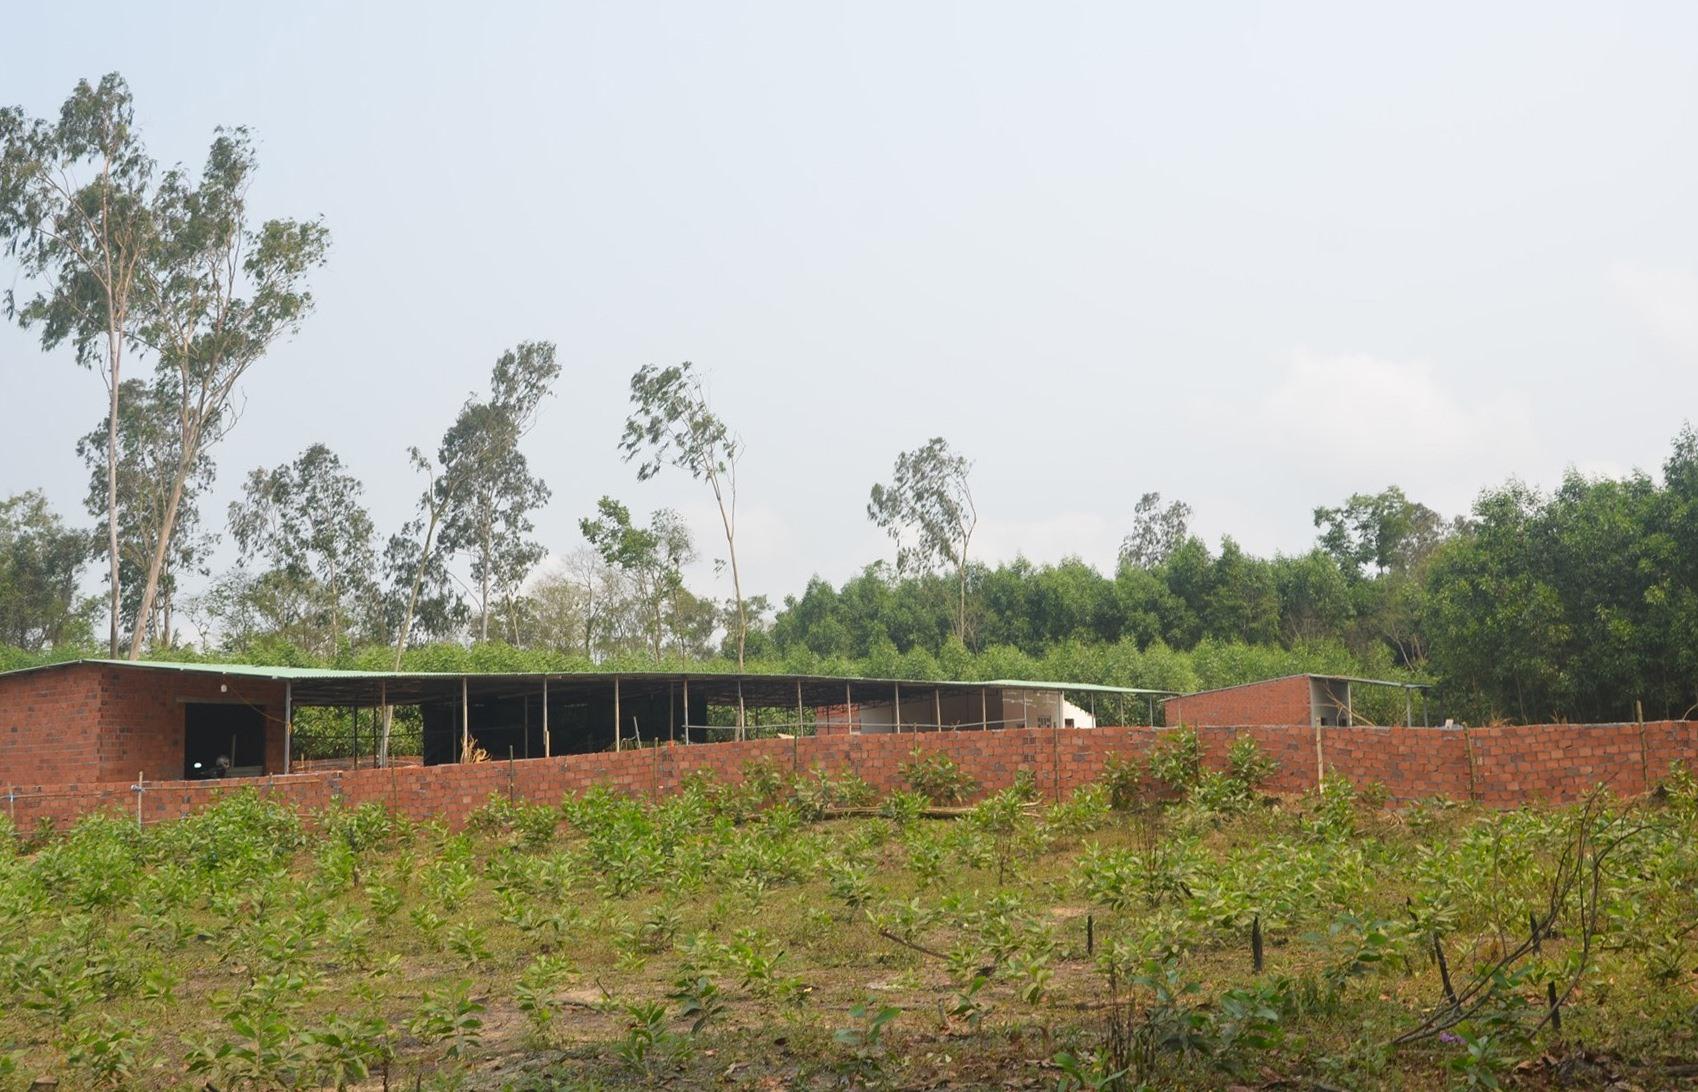 Nhiều dự án chậm tiến độ giải phóng mặt bằng do vướng mắc chính sách bồi thường. TRONG ẢNH: Khu vực bị thu hồi đất để triển khai dự án xây dựng nông nghiệp tại Tam Anh Nam (Núi Thành). Ảnh: H.P